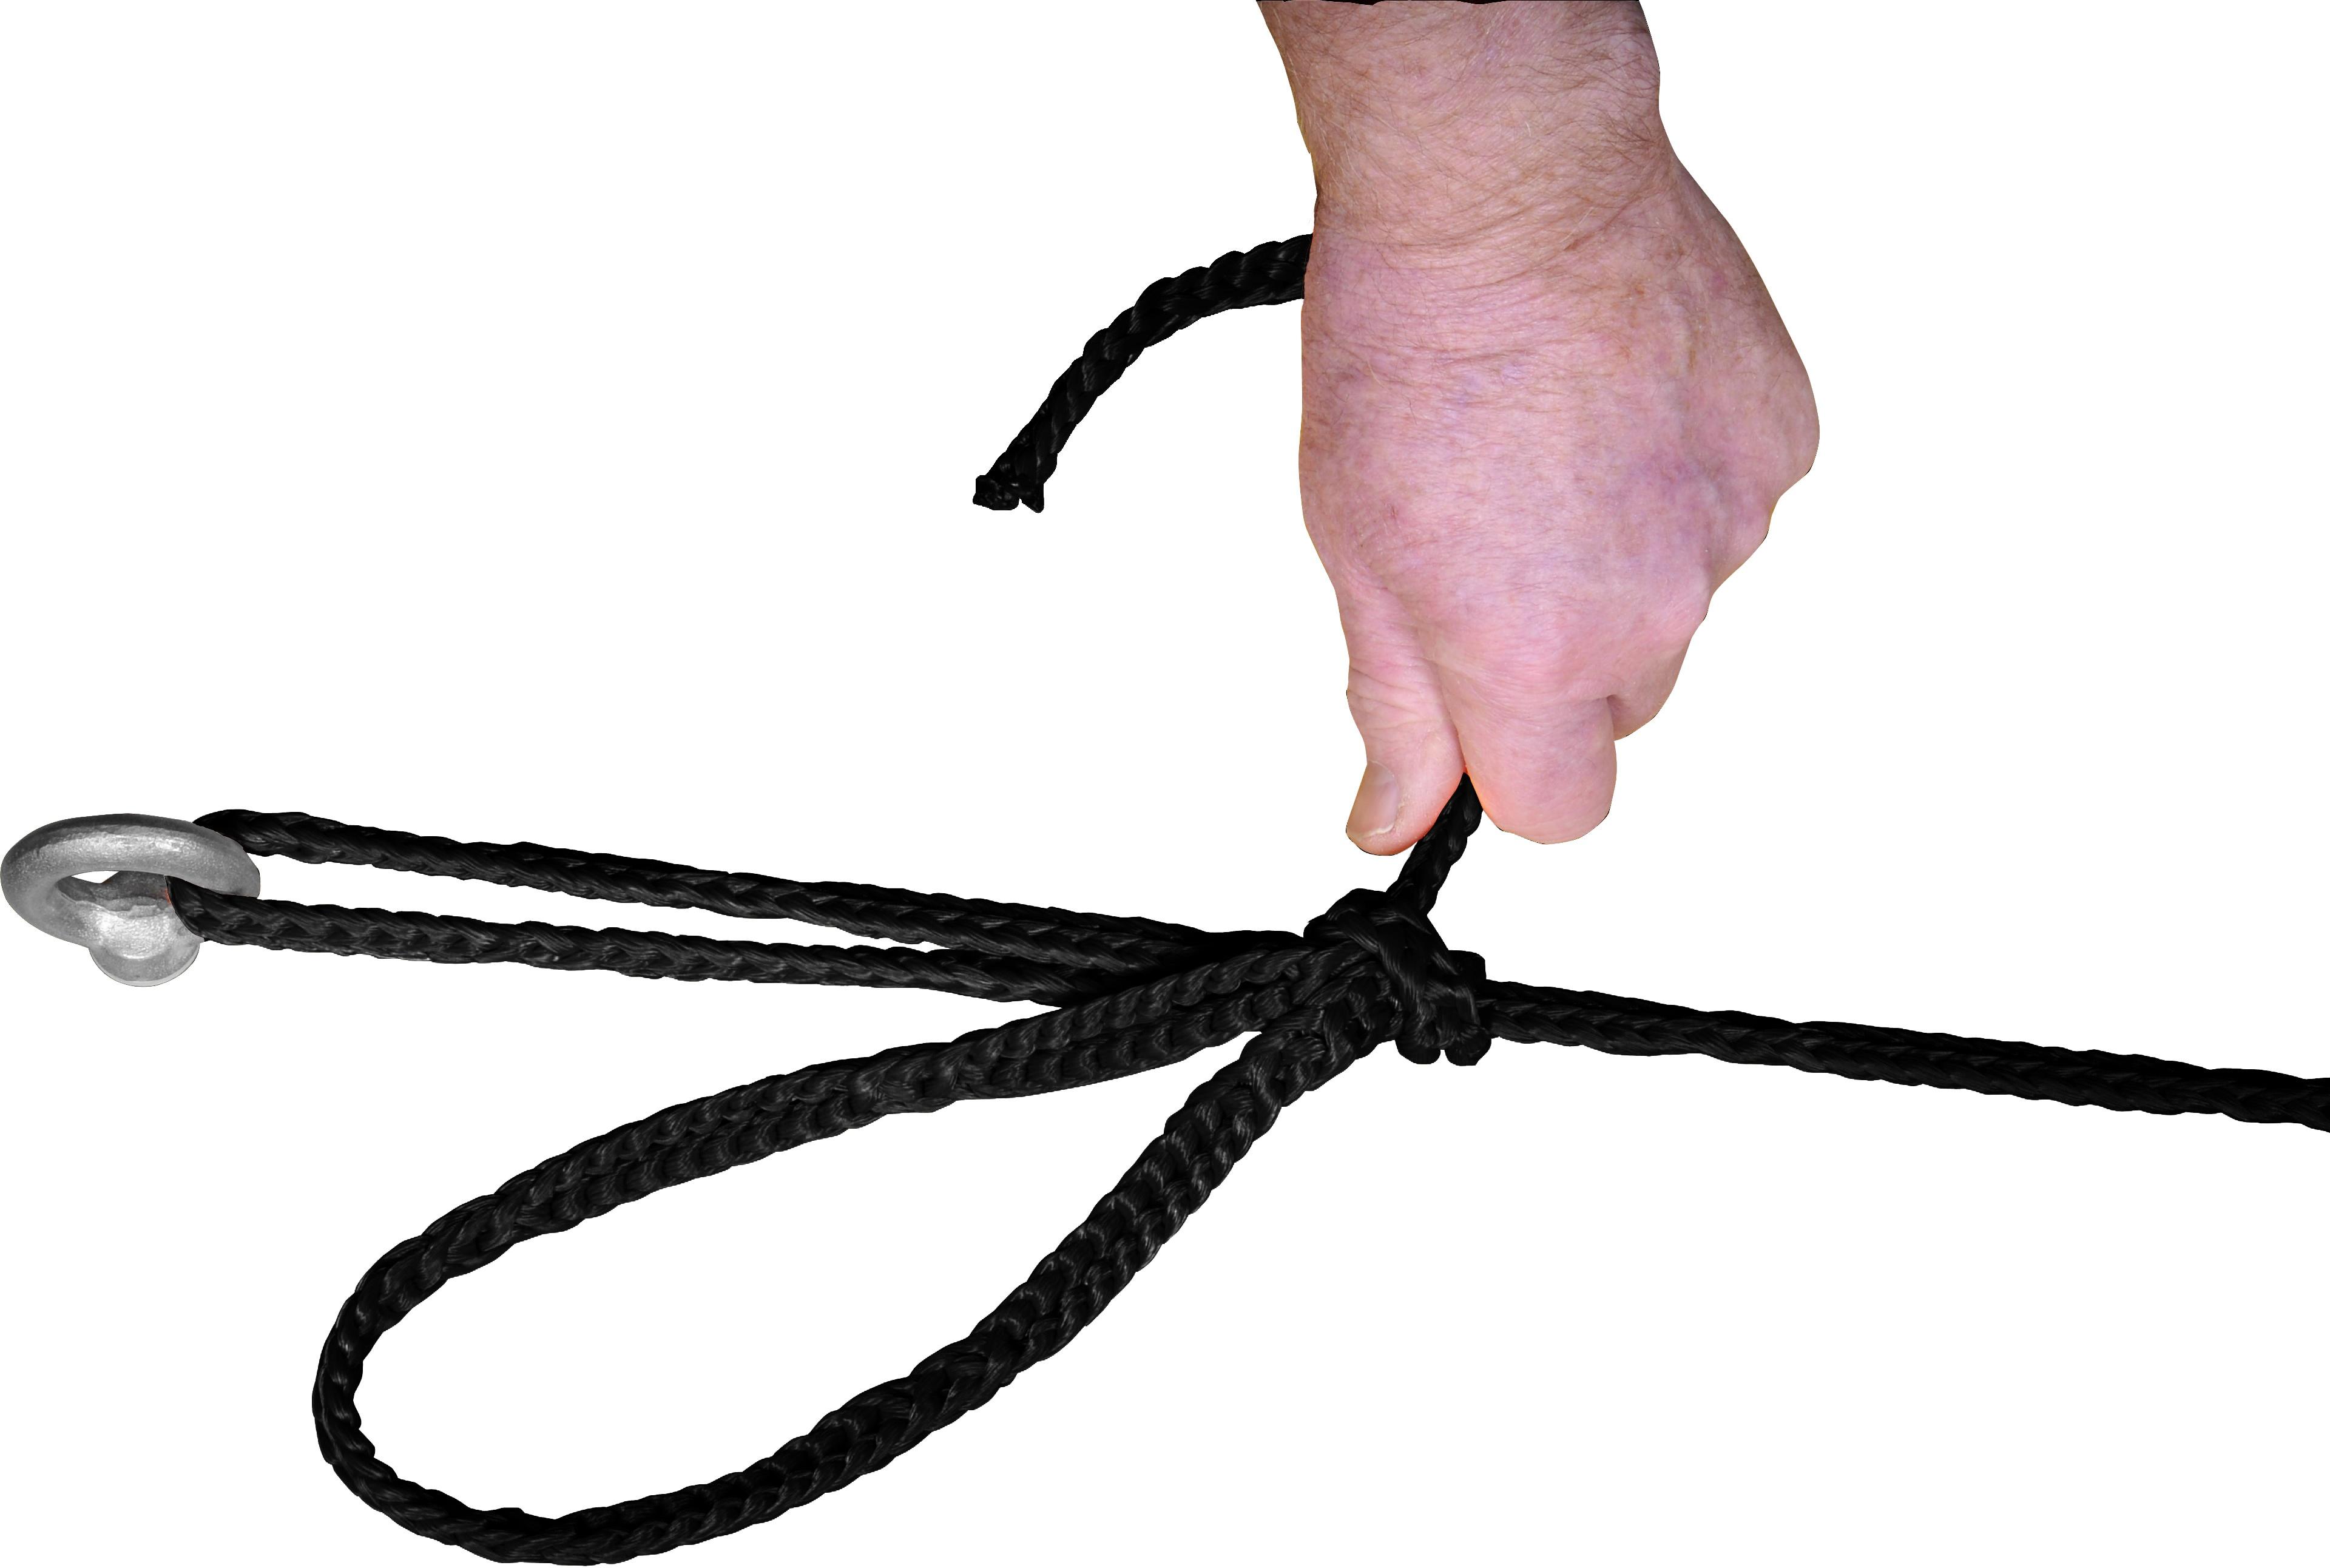 Klettergurt Mit Seil Verbinden : Welches kletterseil typen länge durchmesser bergfreunde